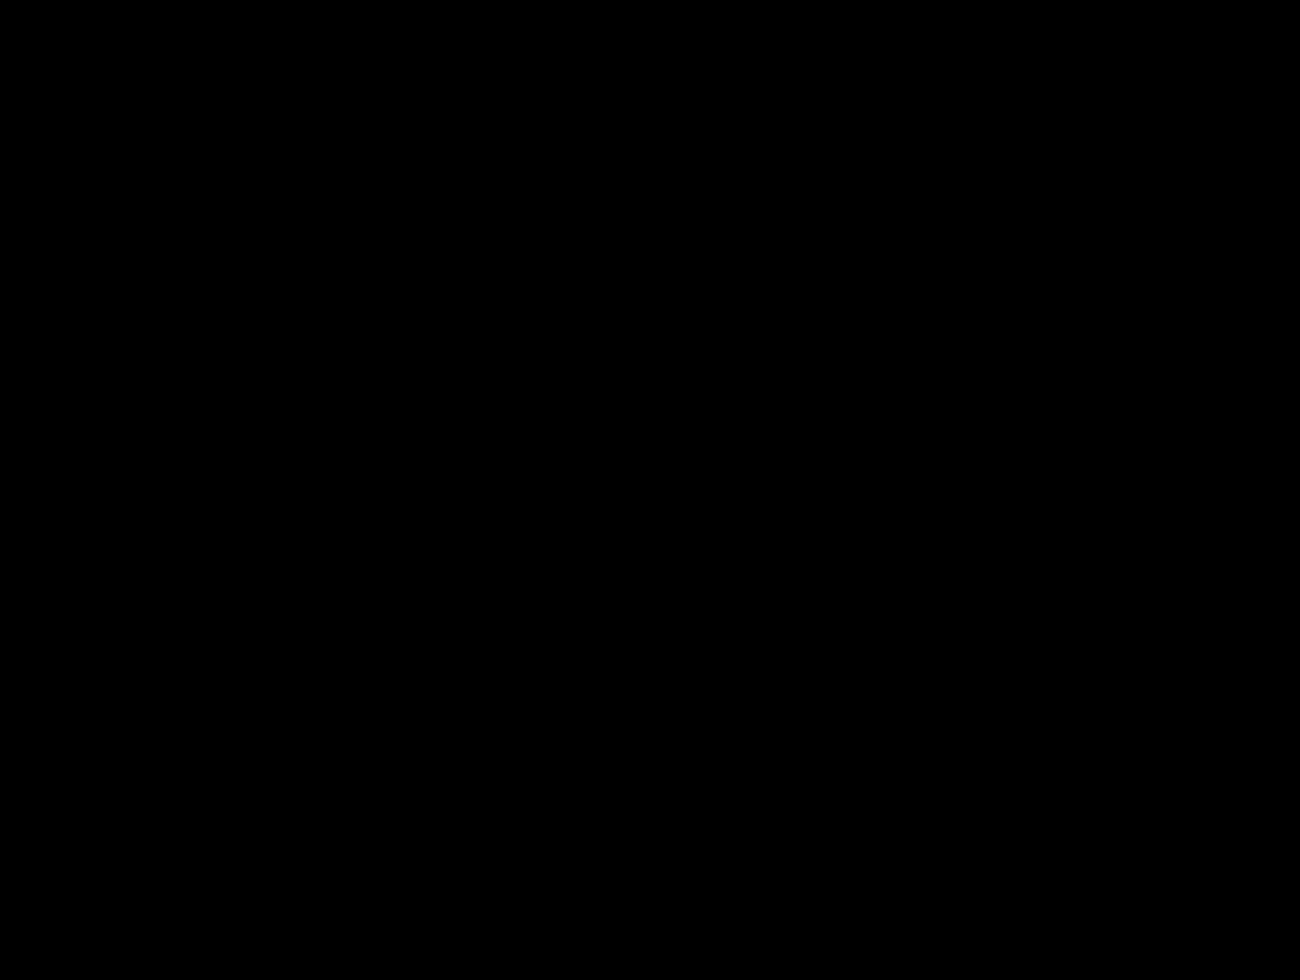 lejon png